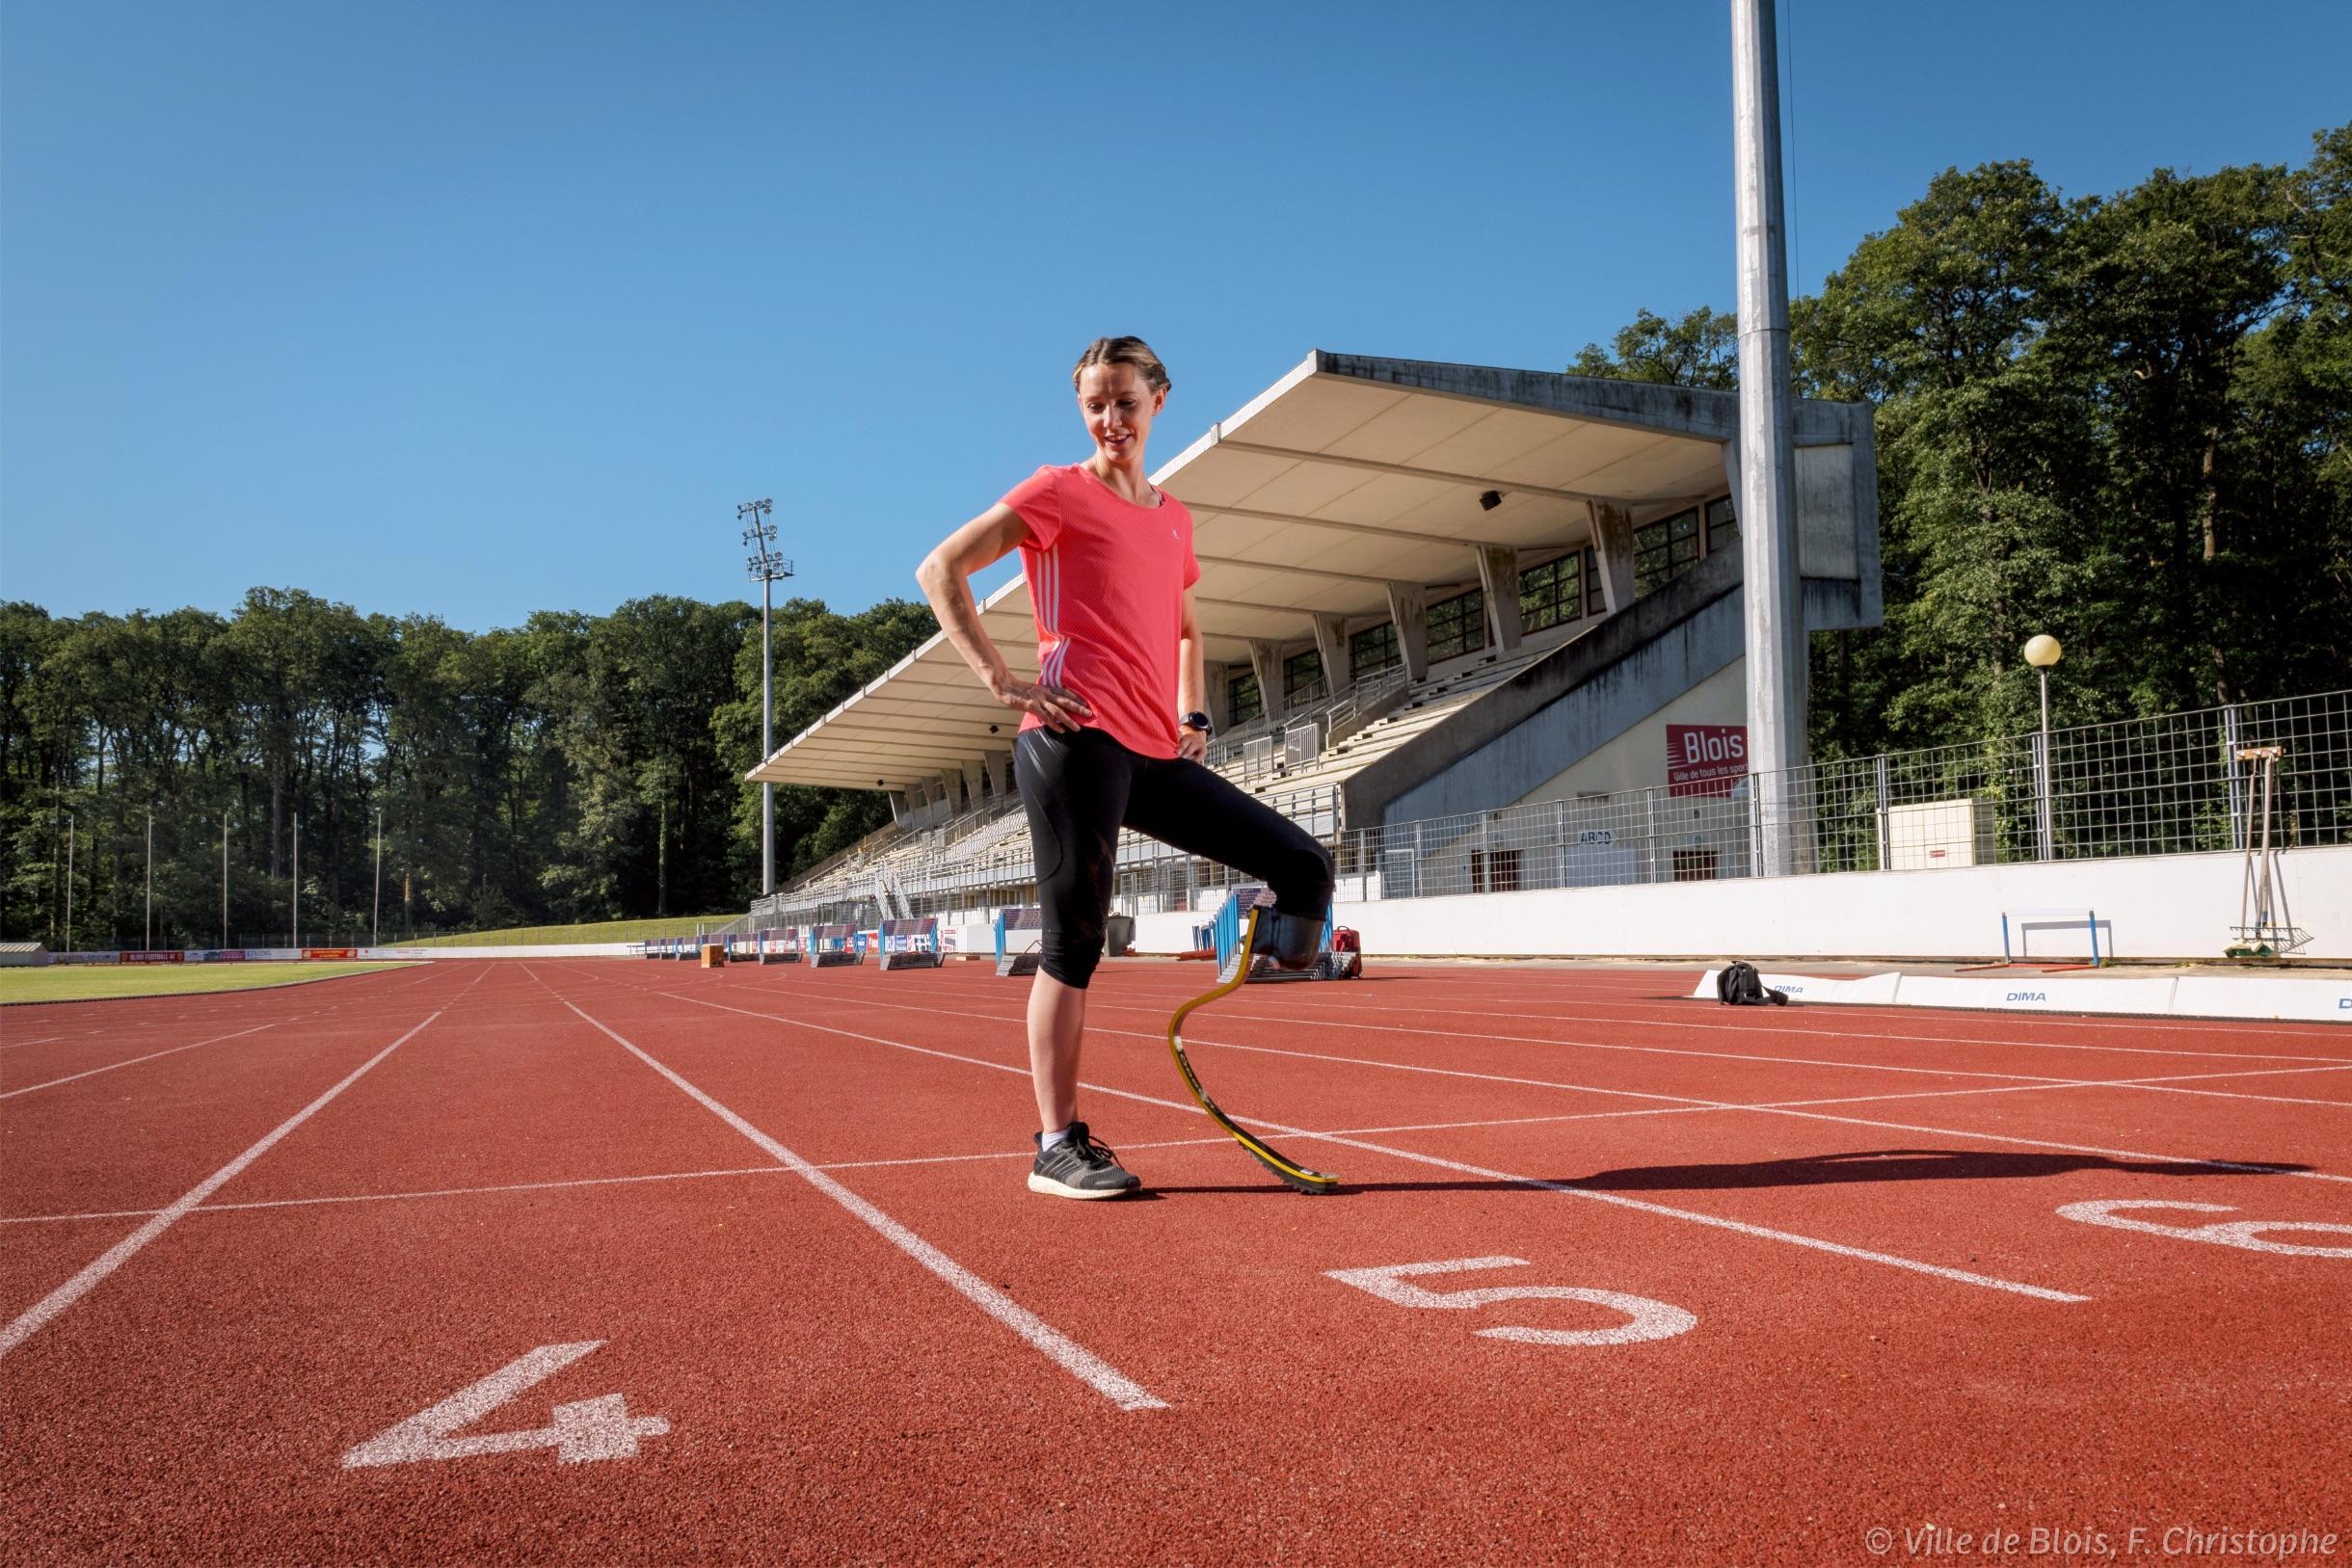 Portrait de Marie-Amélie Le Fur, sportive de haut niveau spécialisée dans l'athlétisme handisport catégorie T4 (prothèse).